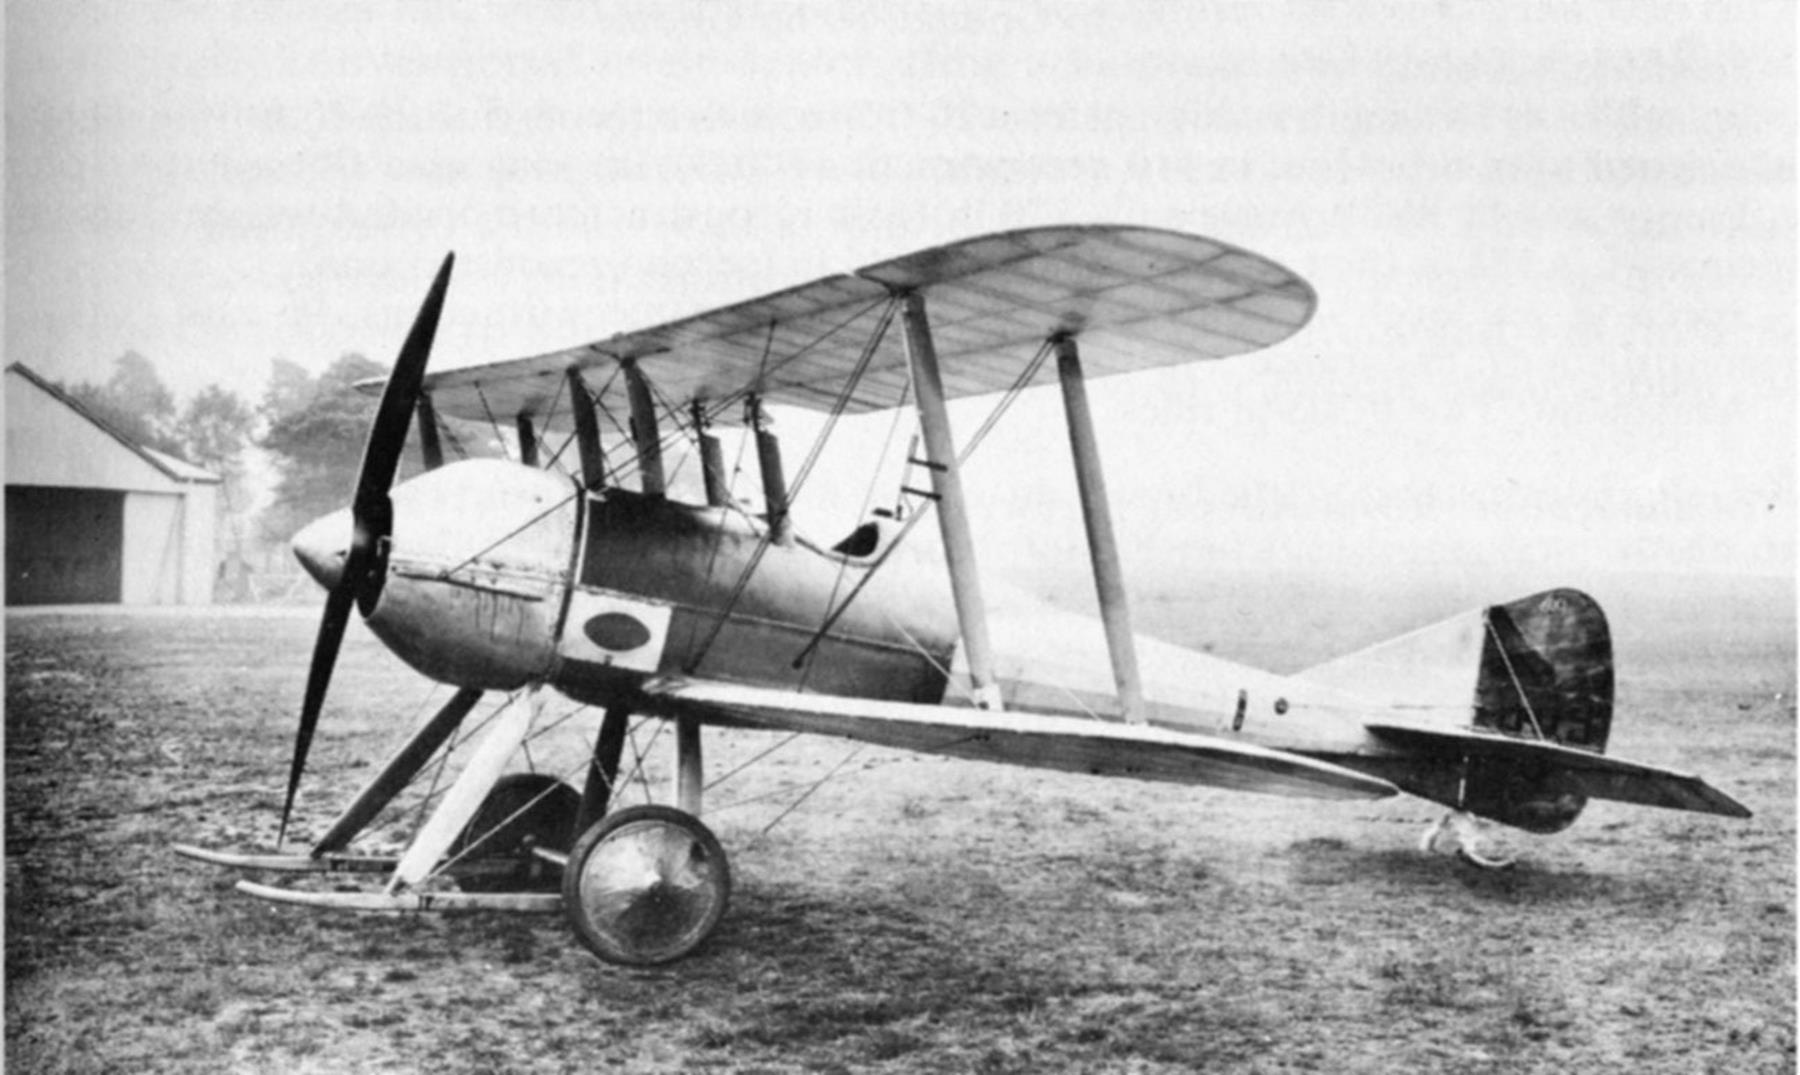 Desmond Arthur, el aviador fantasma que defendía su inocencia